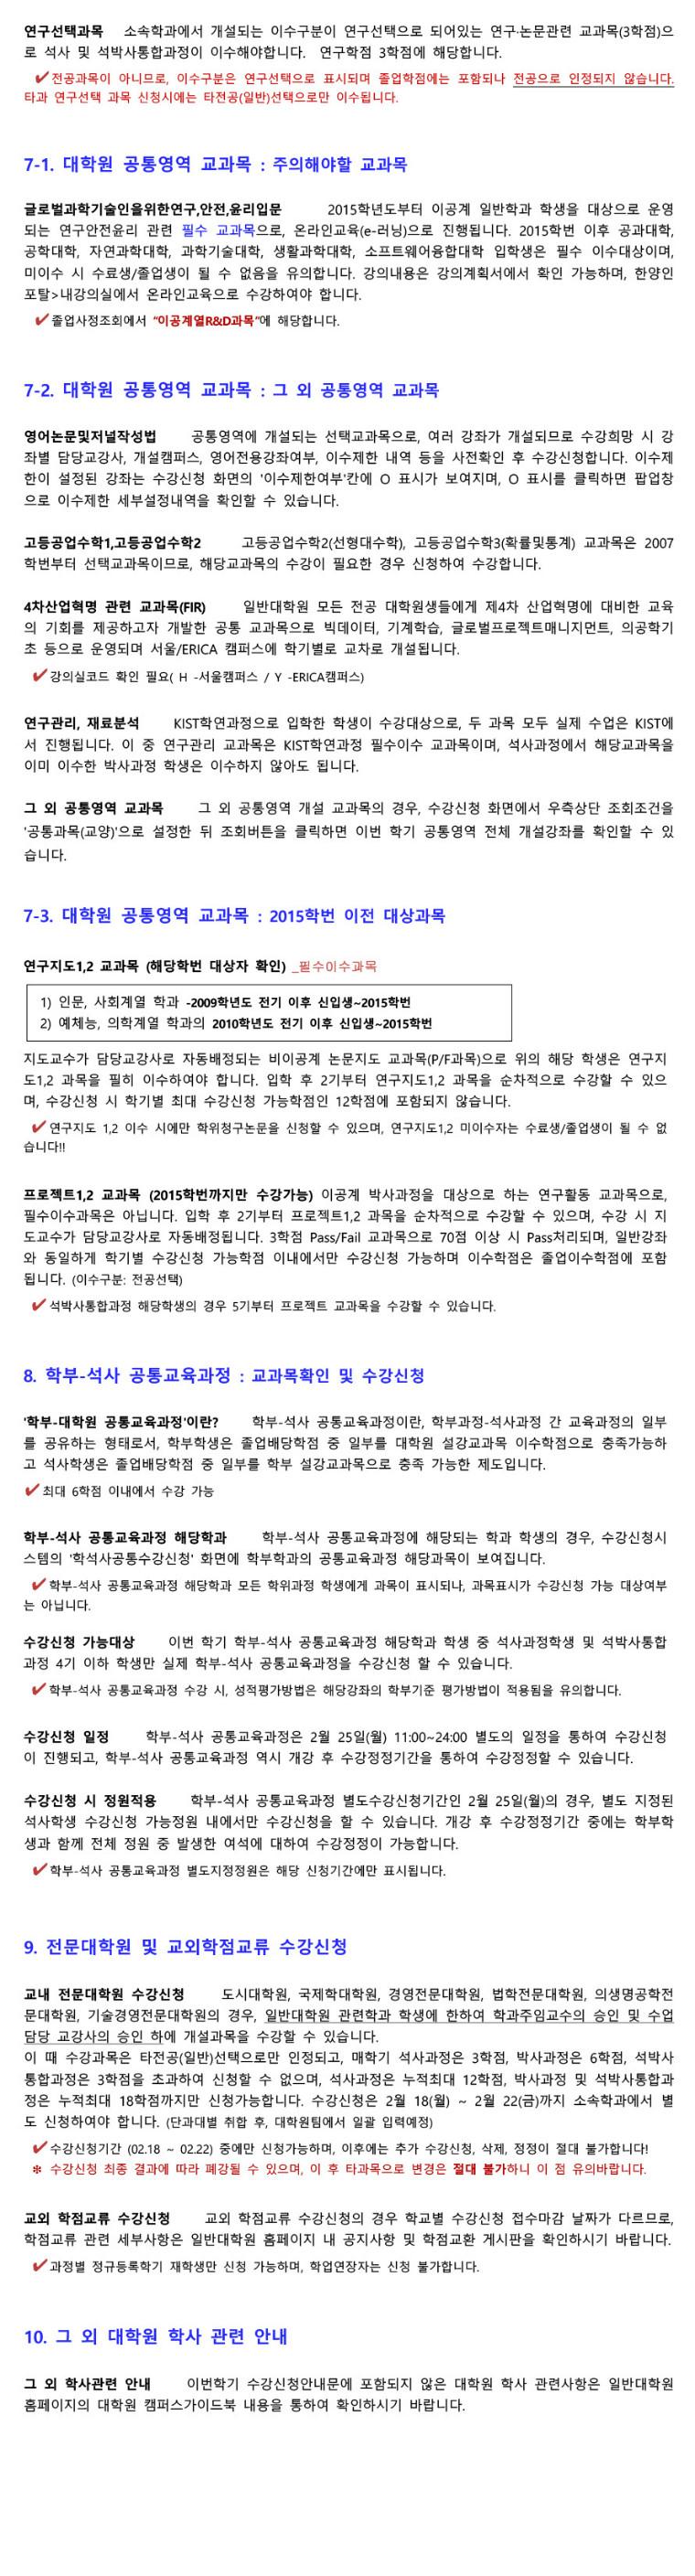 2019-1 수강신청안내문-3.jpg